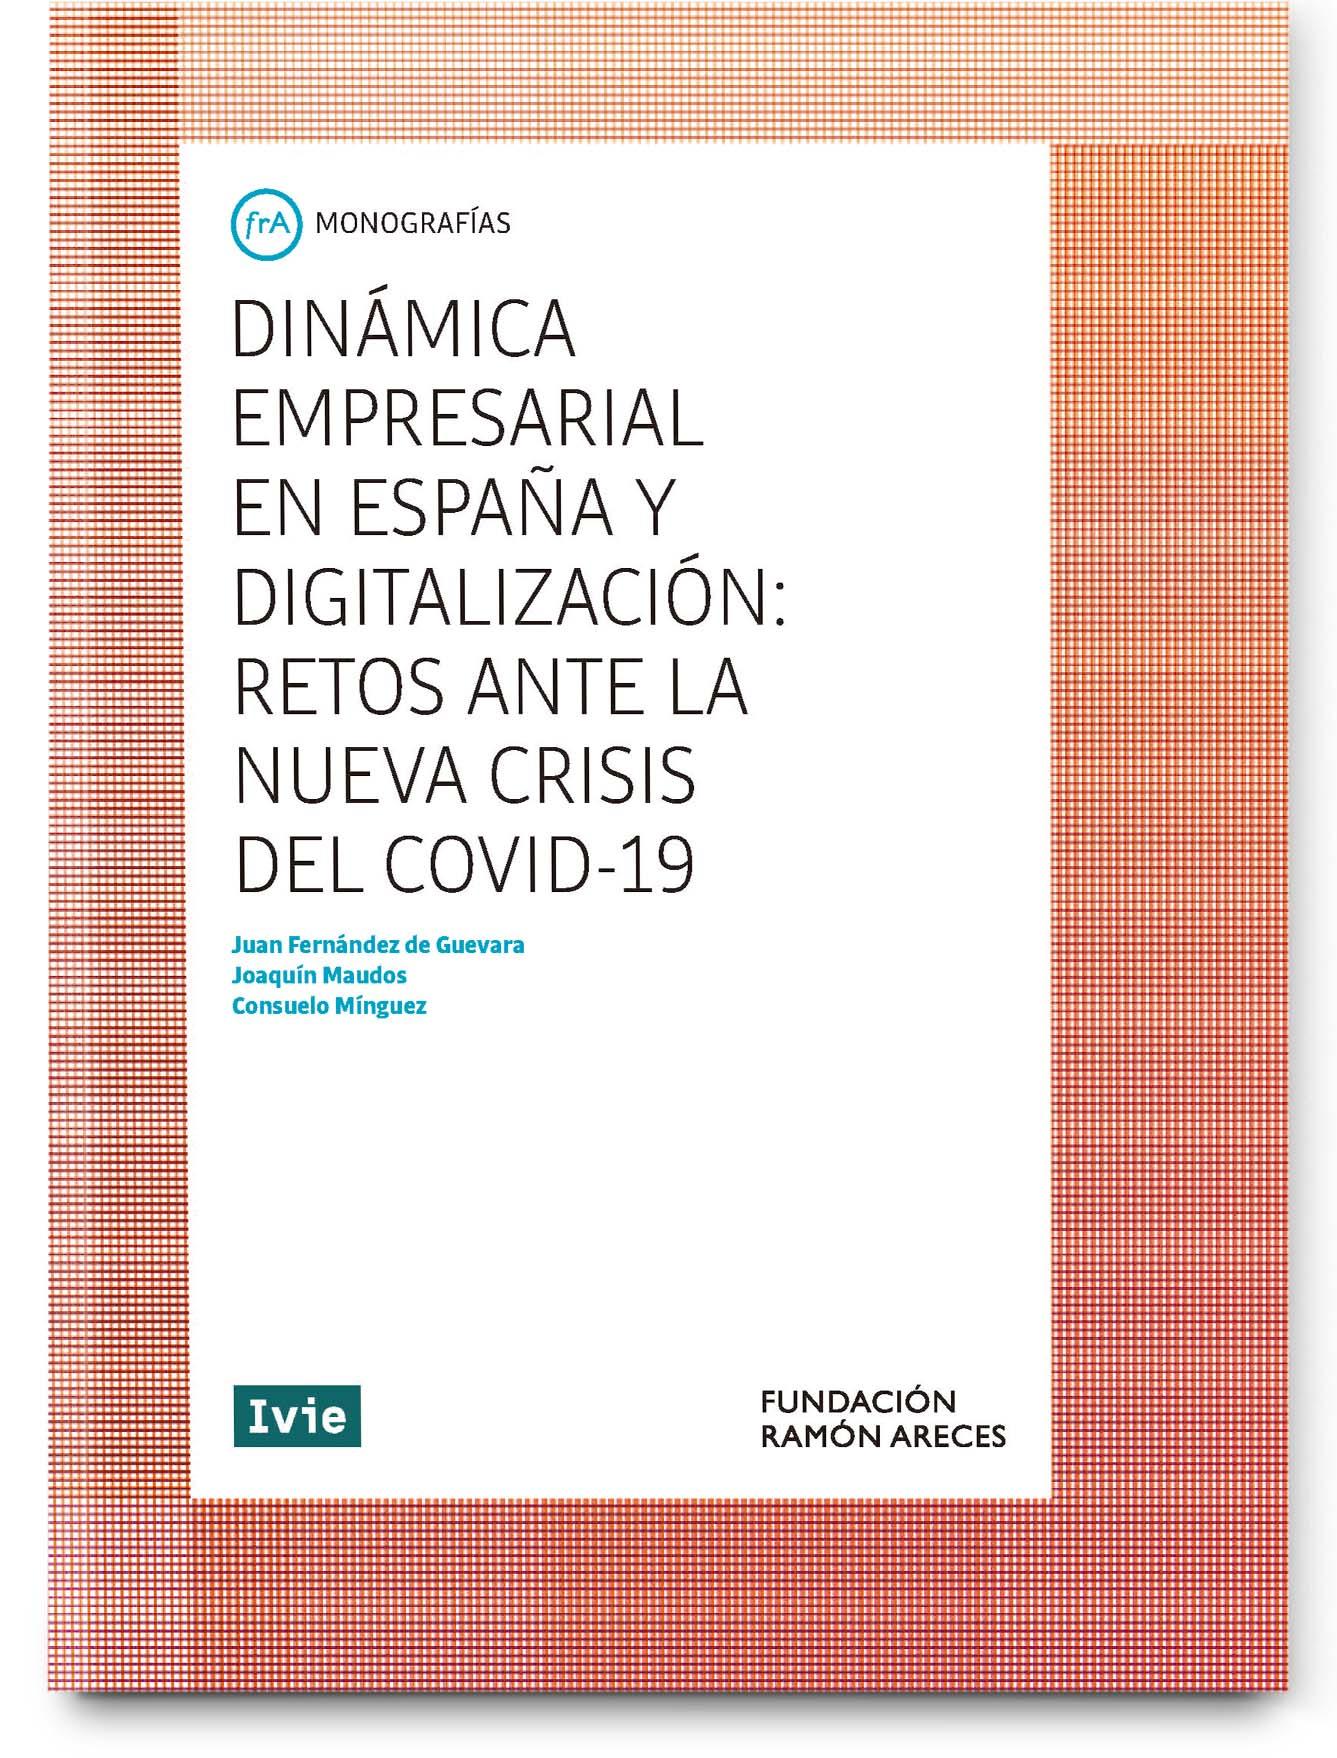 Dinámica empresarial en España y digitalización: retos ante la nueva crisis del COVID-19